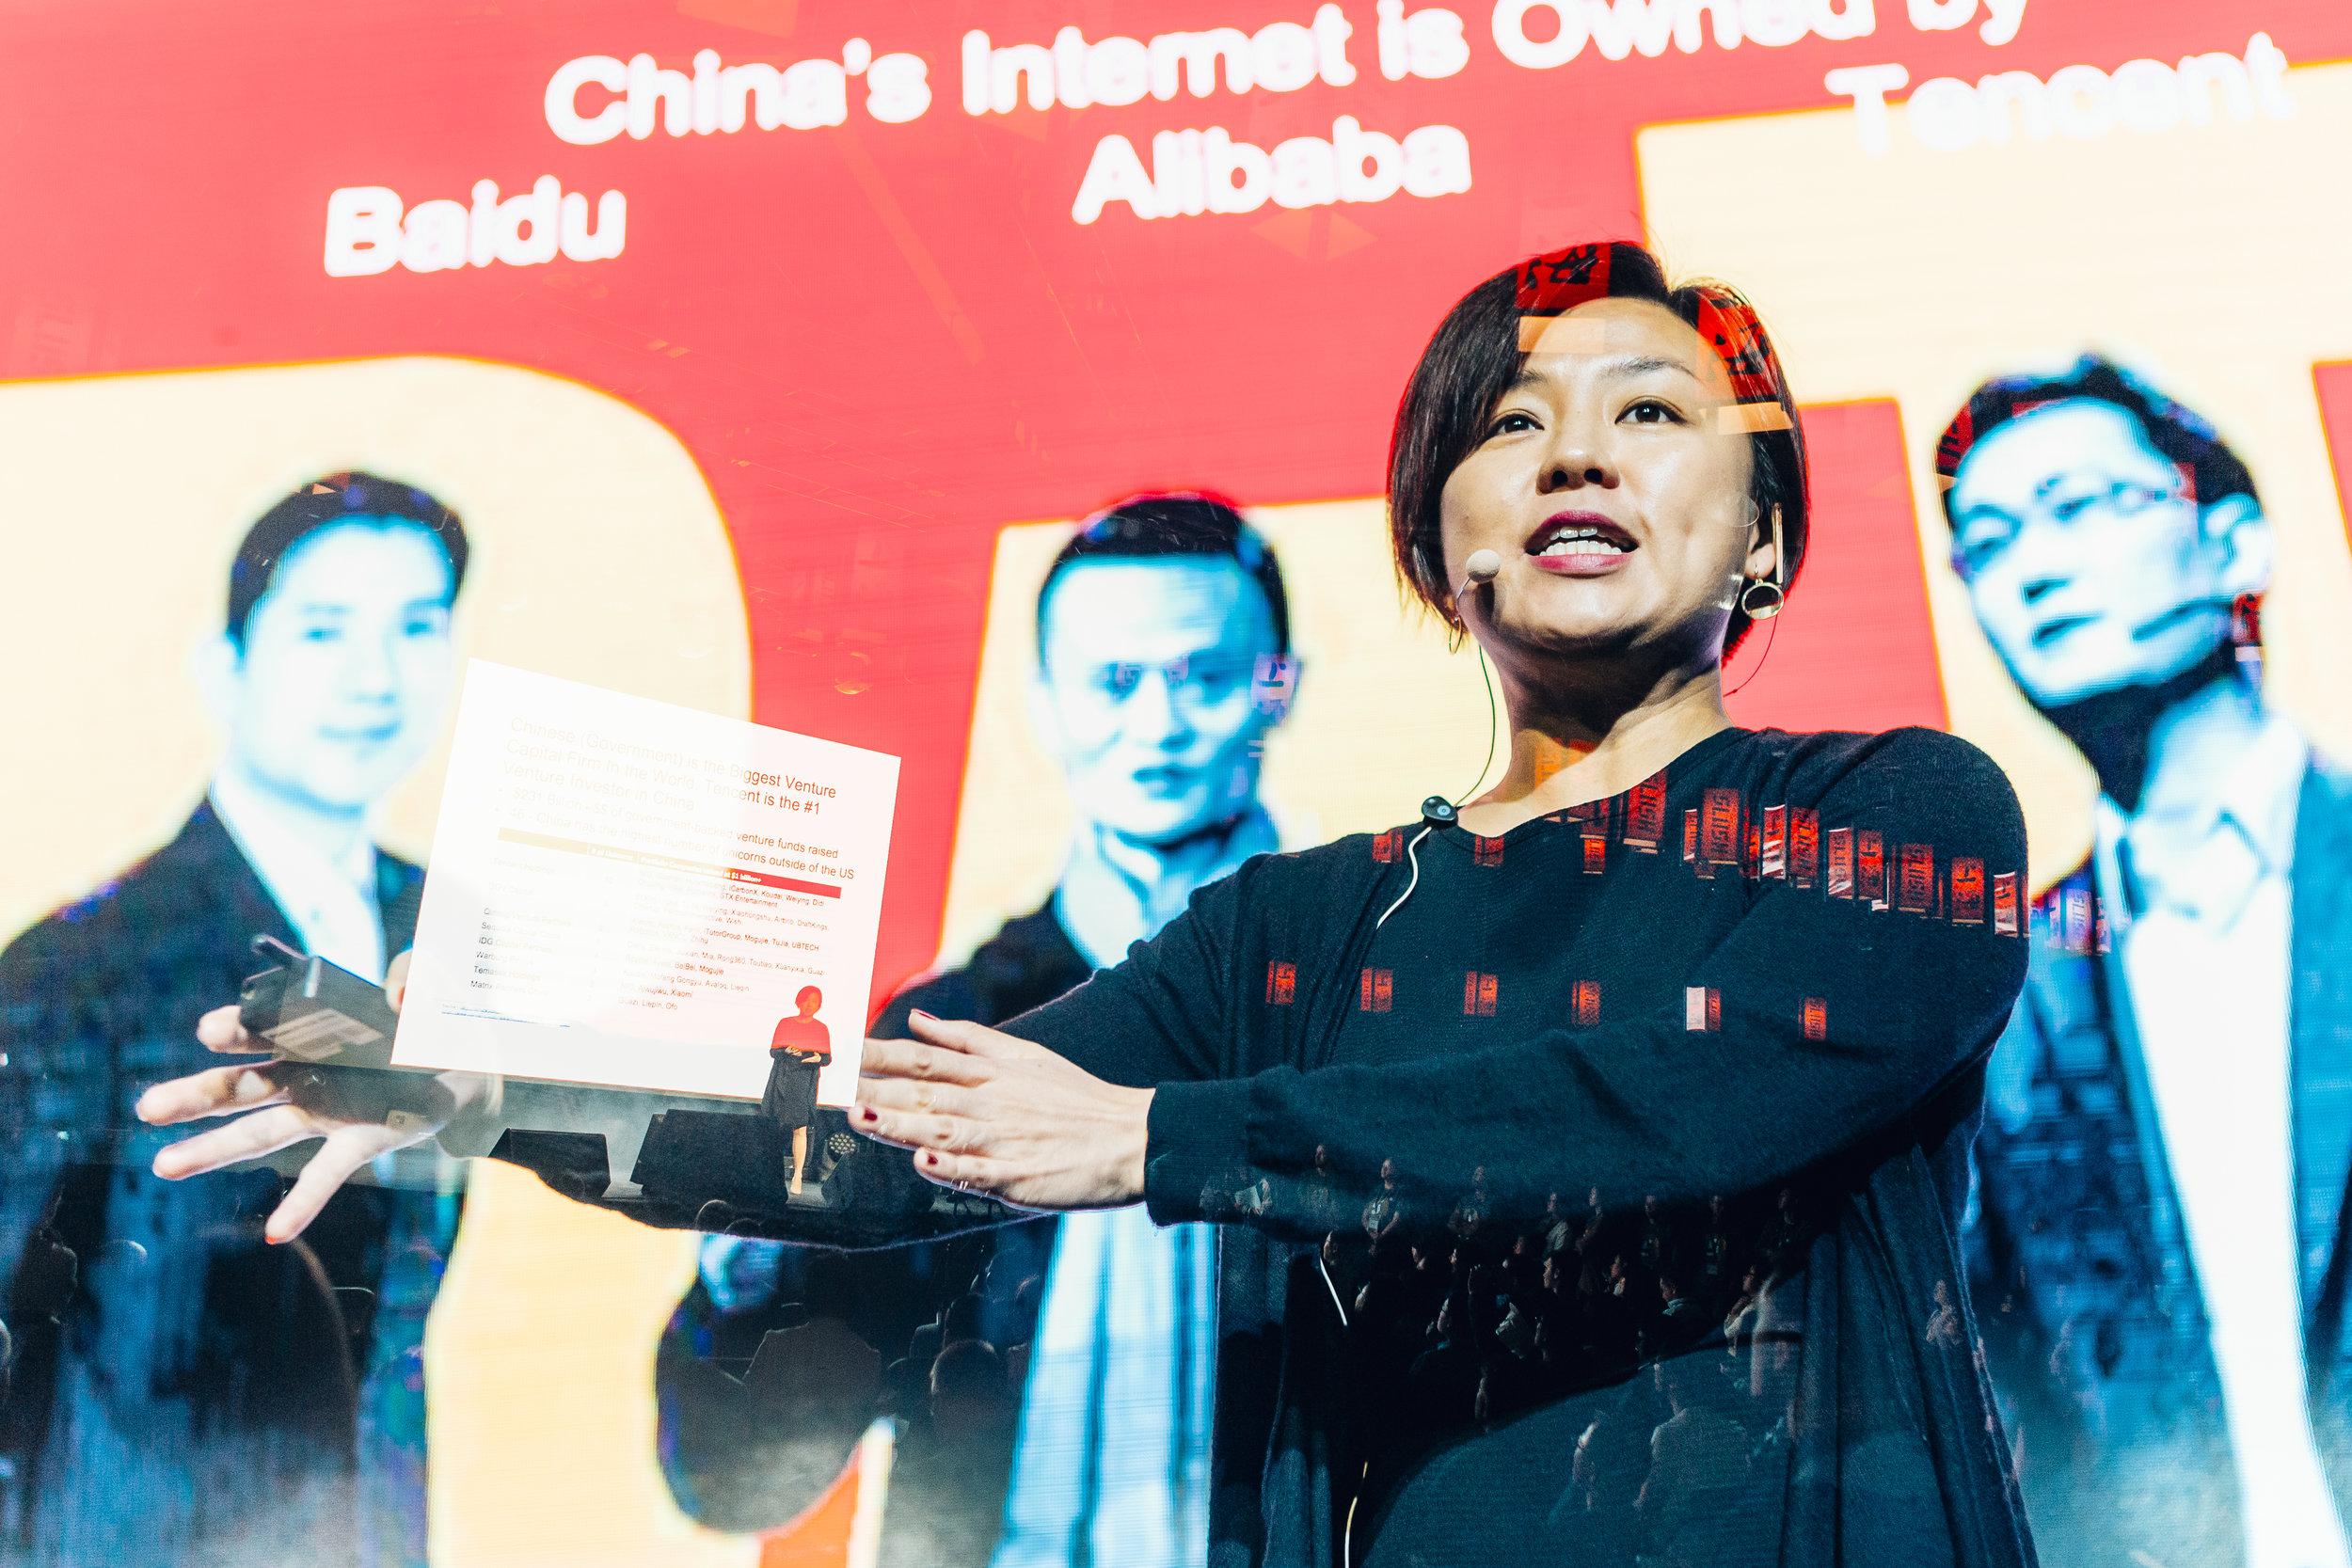 Slush_Shanghai17_c_Petri_Anttila__I4A7519.jpg